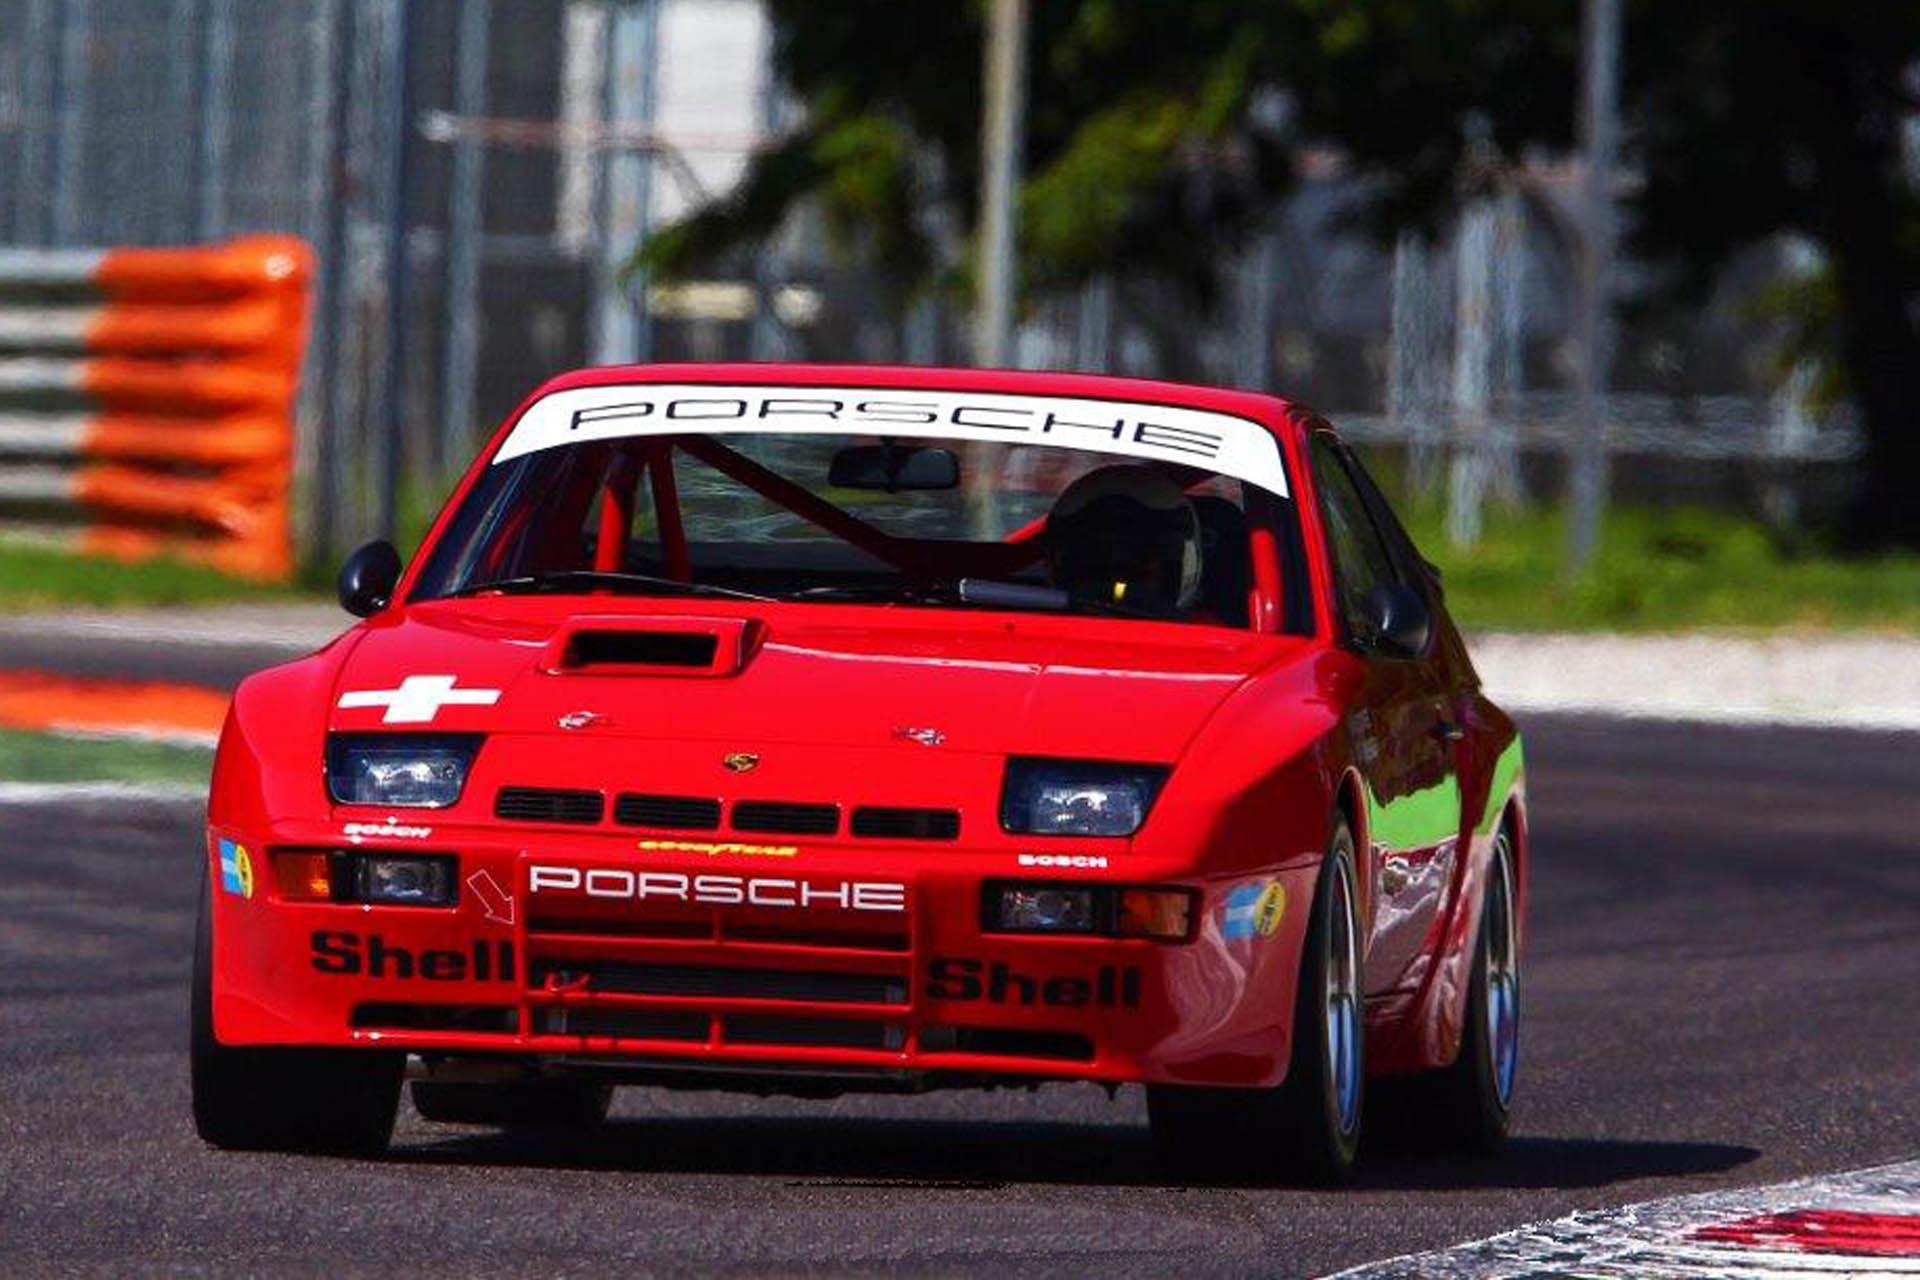 924 Turbo als Carrera GTS Wettbewerbsausführung, aufgebaut nach FIA mit HTP